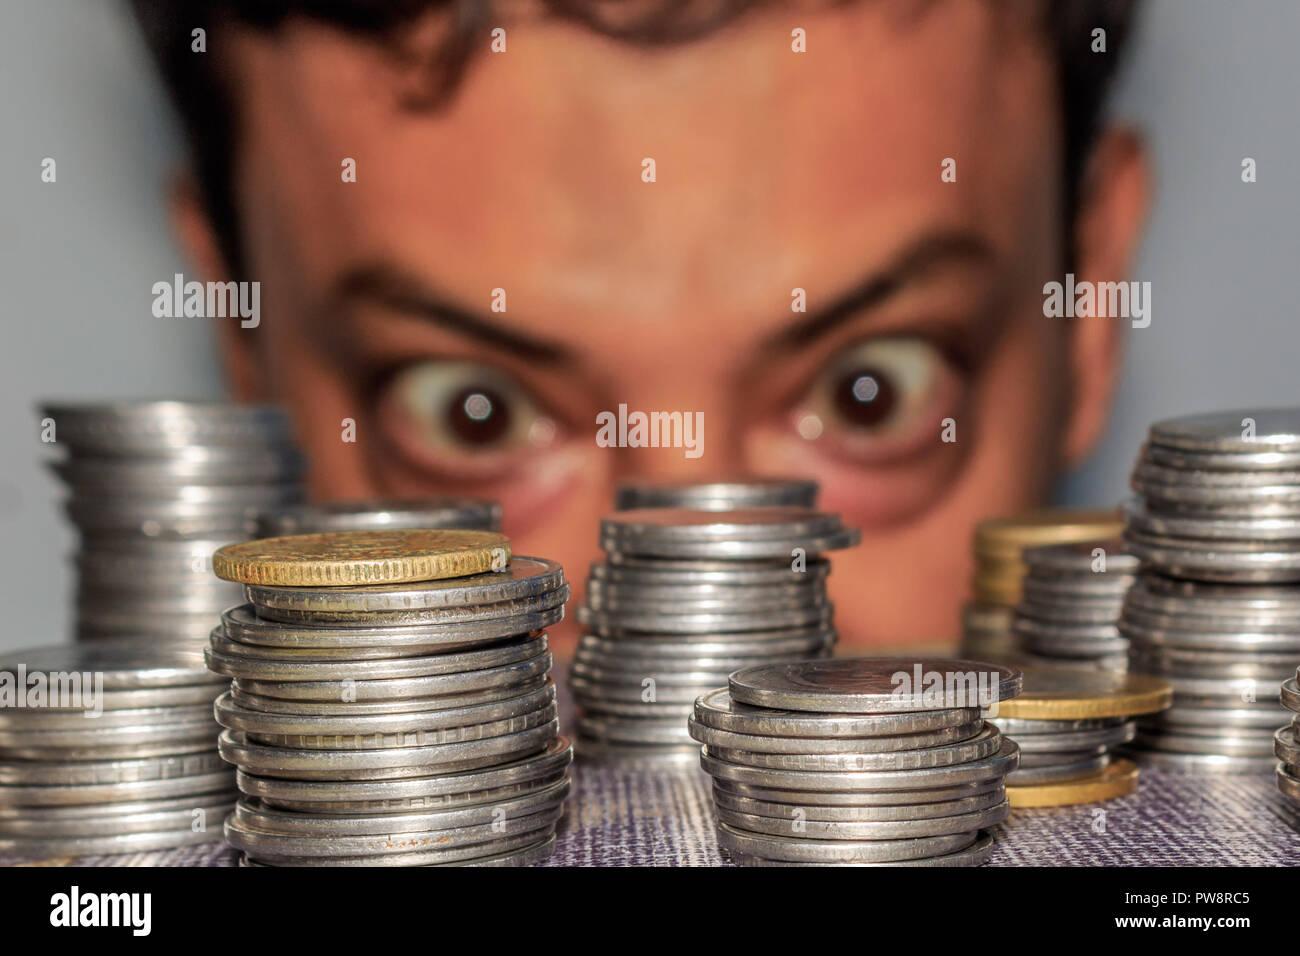 Se concentrer sur une pièce de monnaie. Un riche vieillard cupide ressemble à pièces. Le collectionneur regarde sa richesse. Un homme âgé à regarder l'argent métal sur le sol. Photo Stock